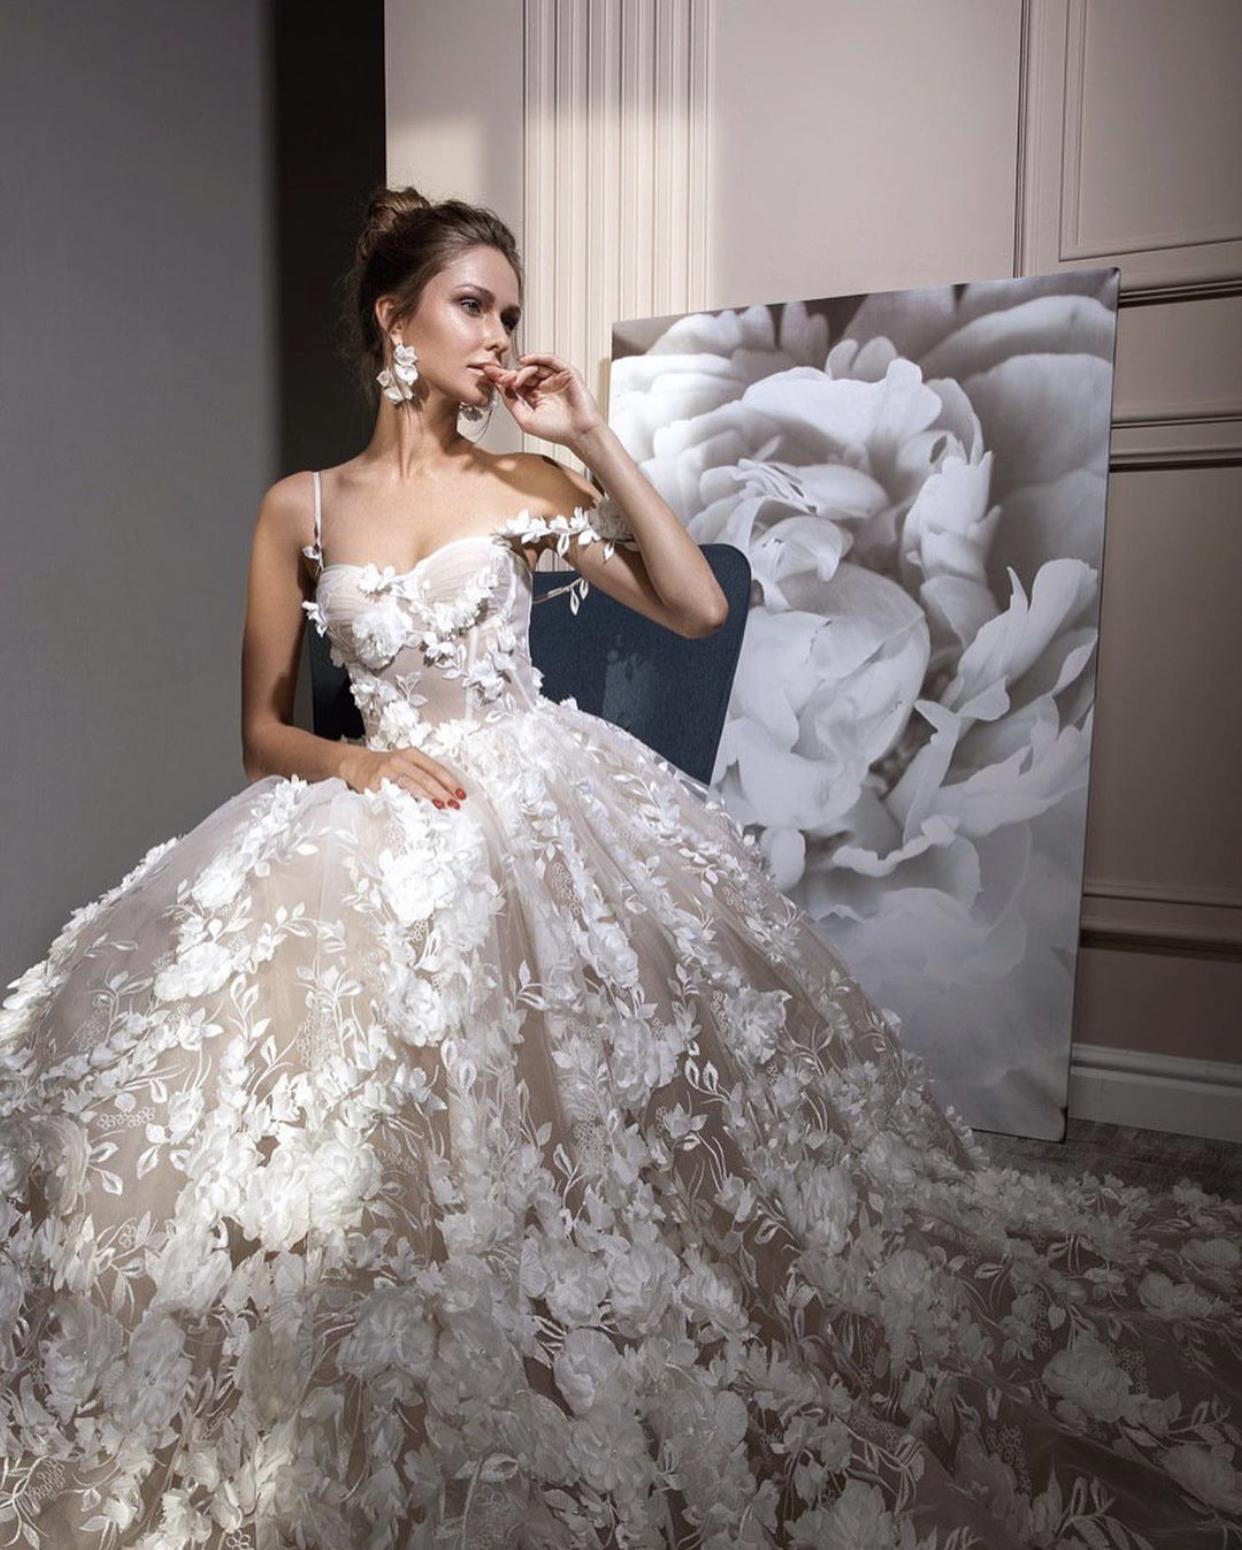 Svatební šaty ZEMFIRA - Obrázek č. 5